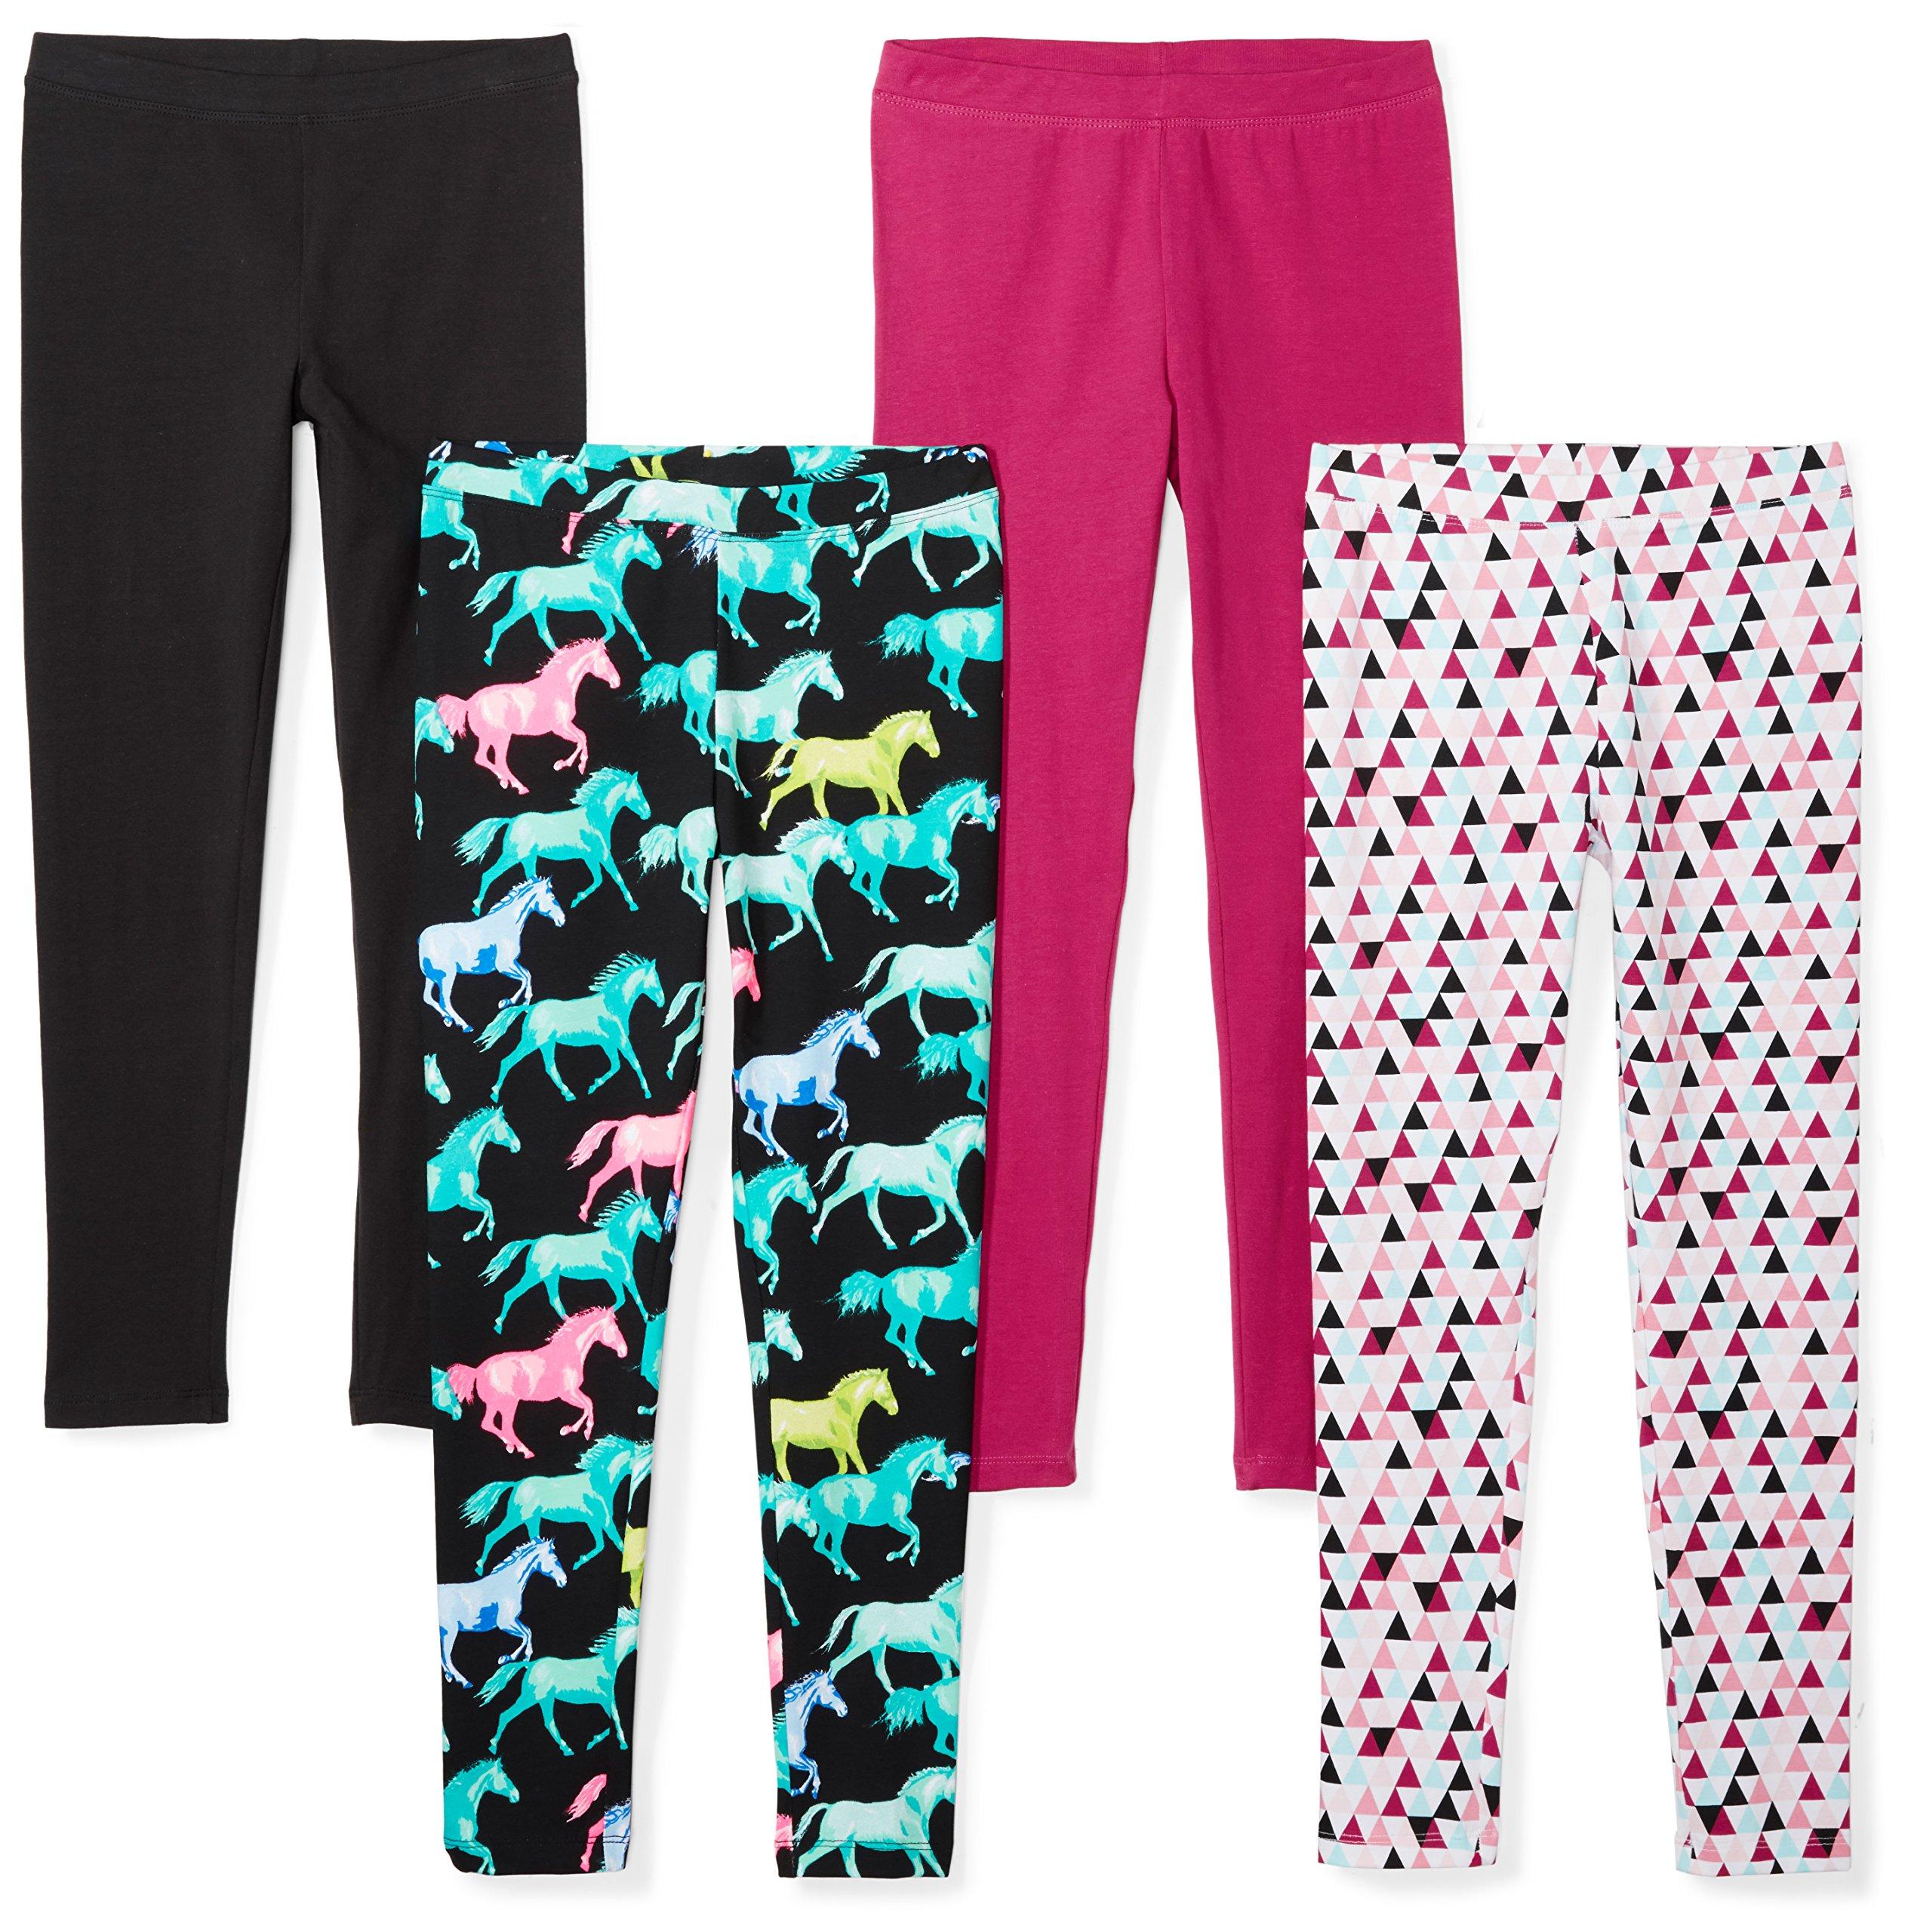 Spotted Zebra Girls' Little 4-Pack Leggings, Horses, Small (6-7)